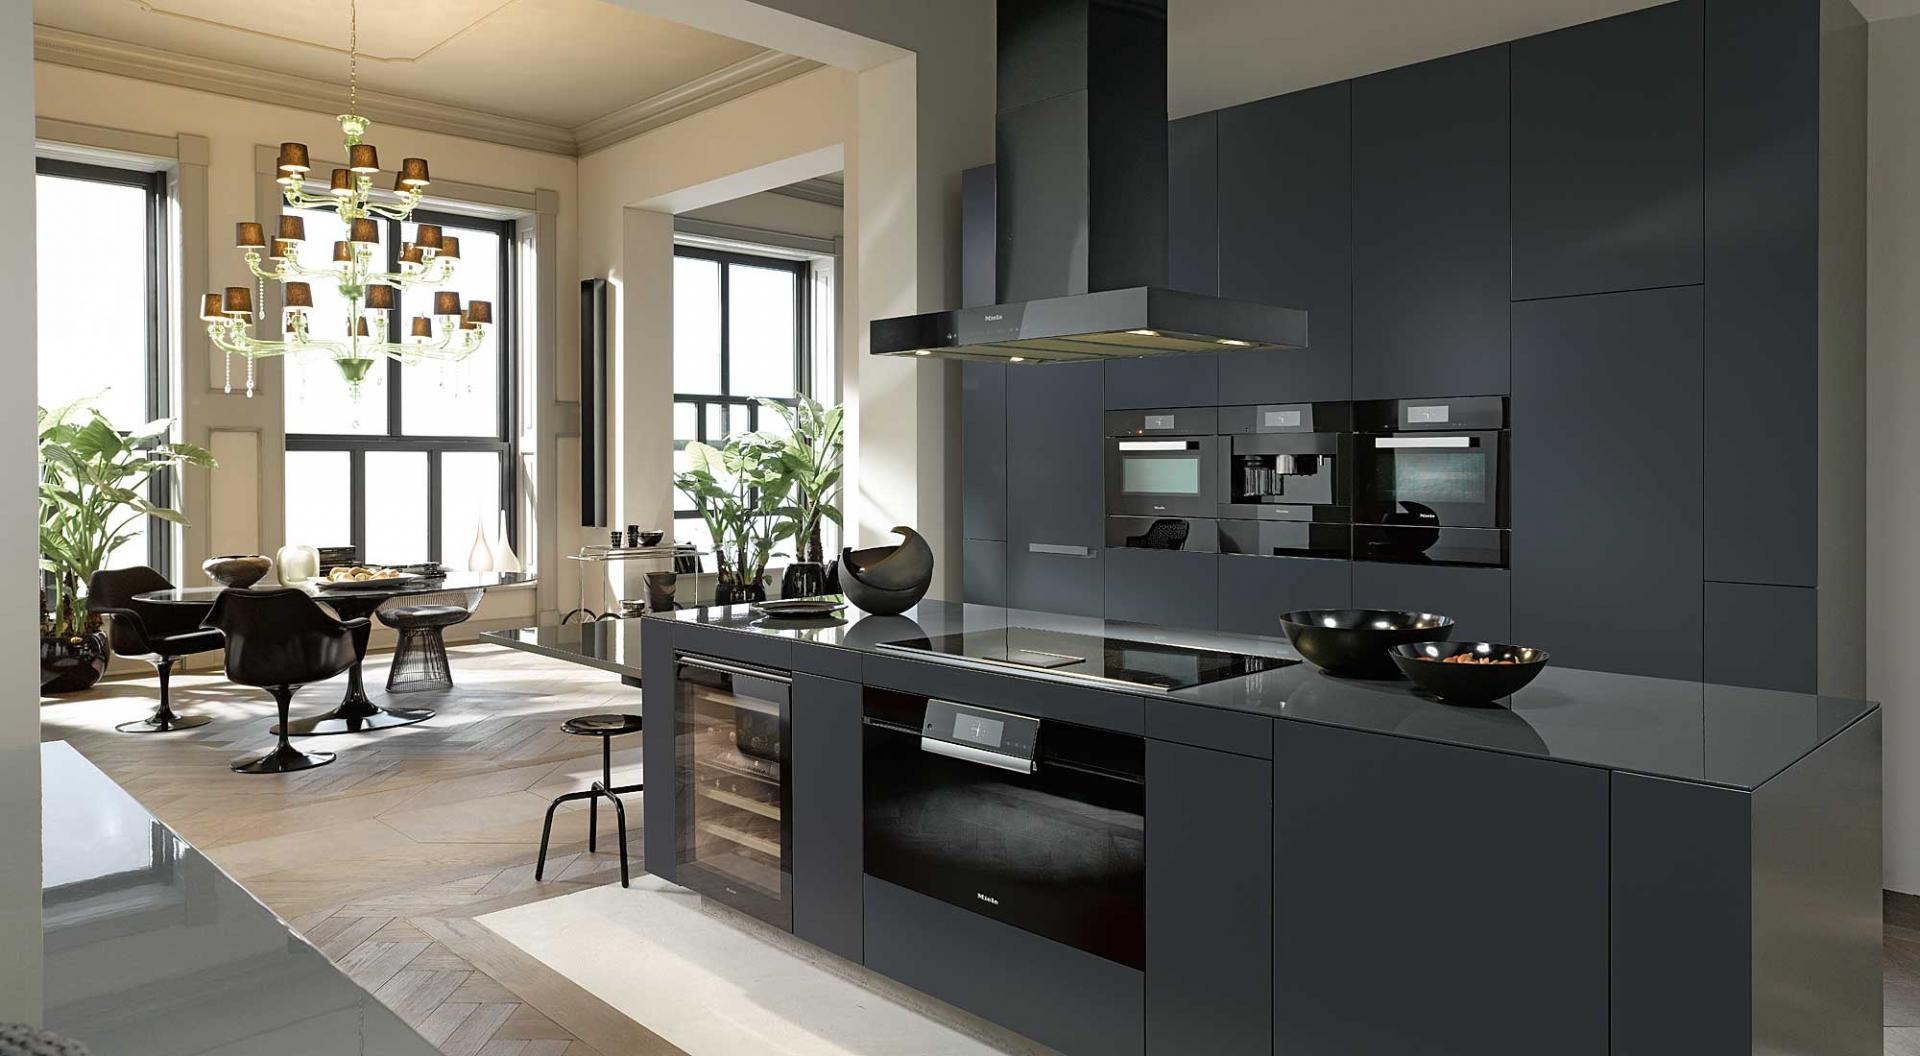 Strakke Zwarte Keuken : Zwarte keukens: voorbeelden van keukenstijlen nieuws startpagina